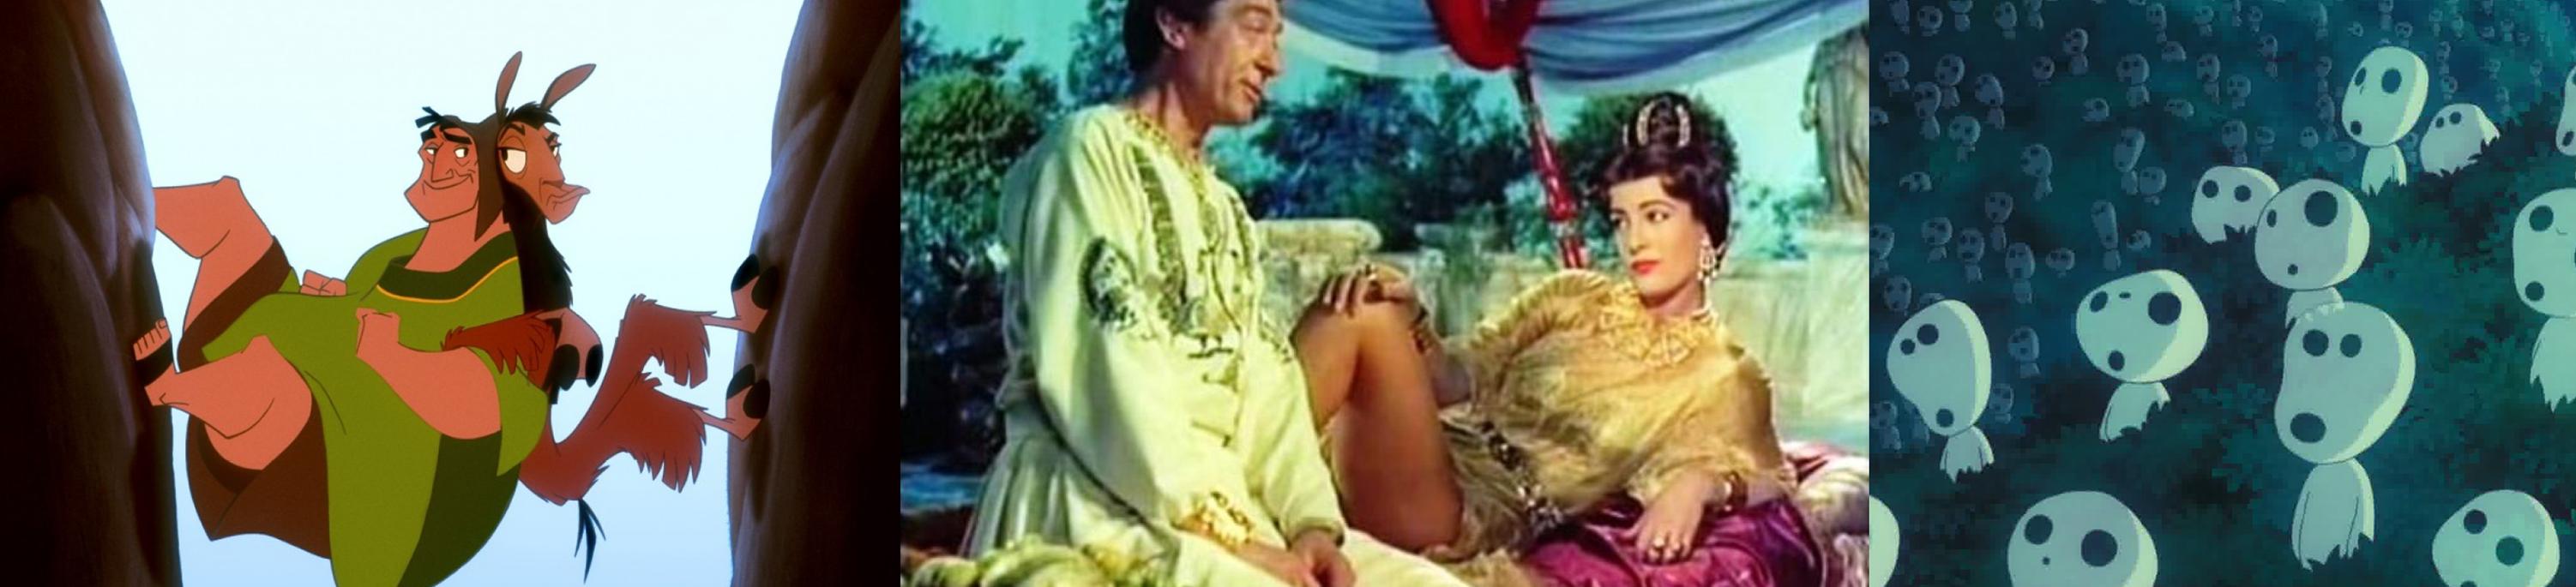 films spécialités ecole du louvre japon precolombien byzance